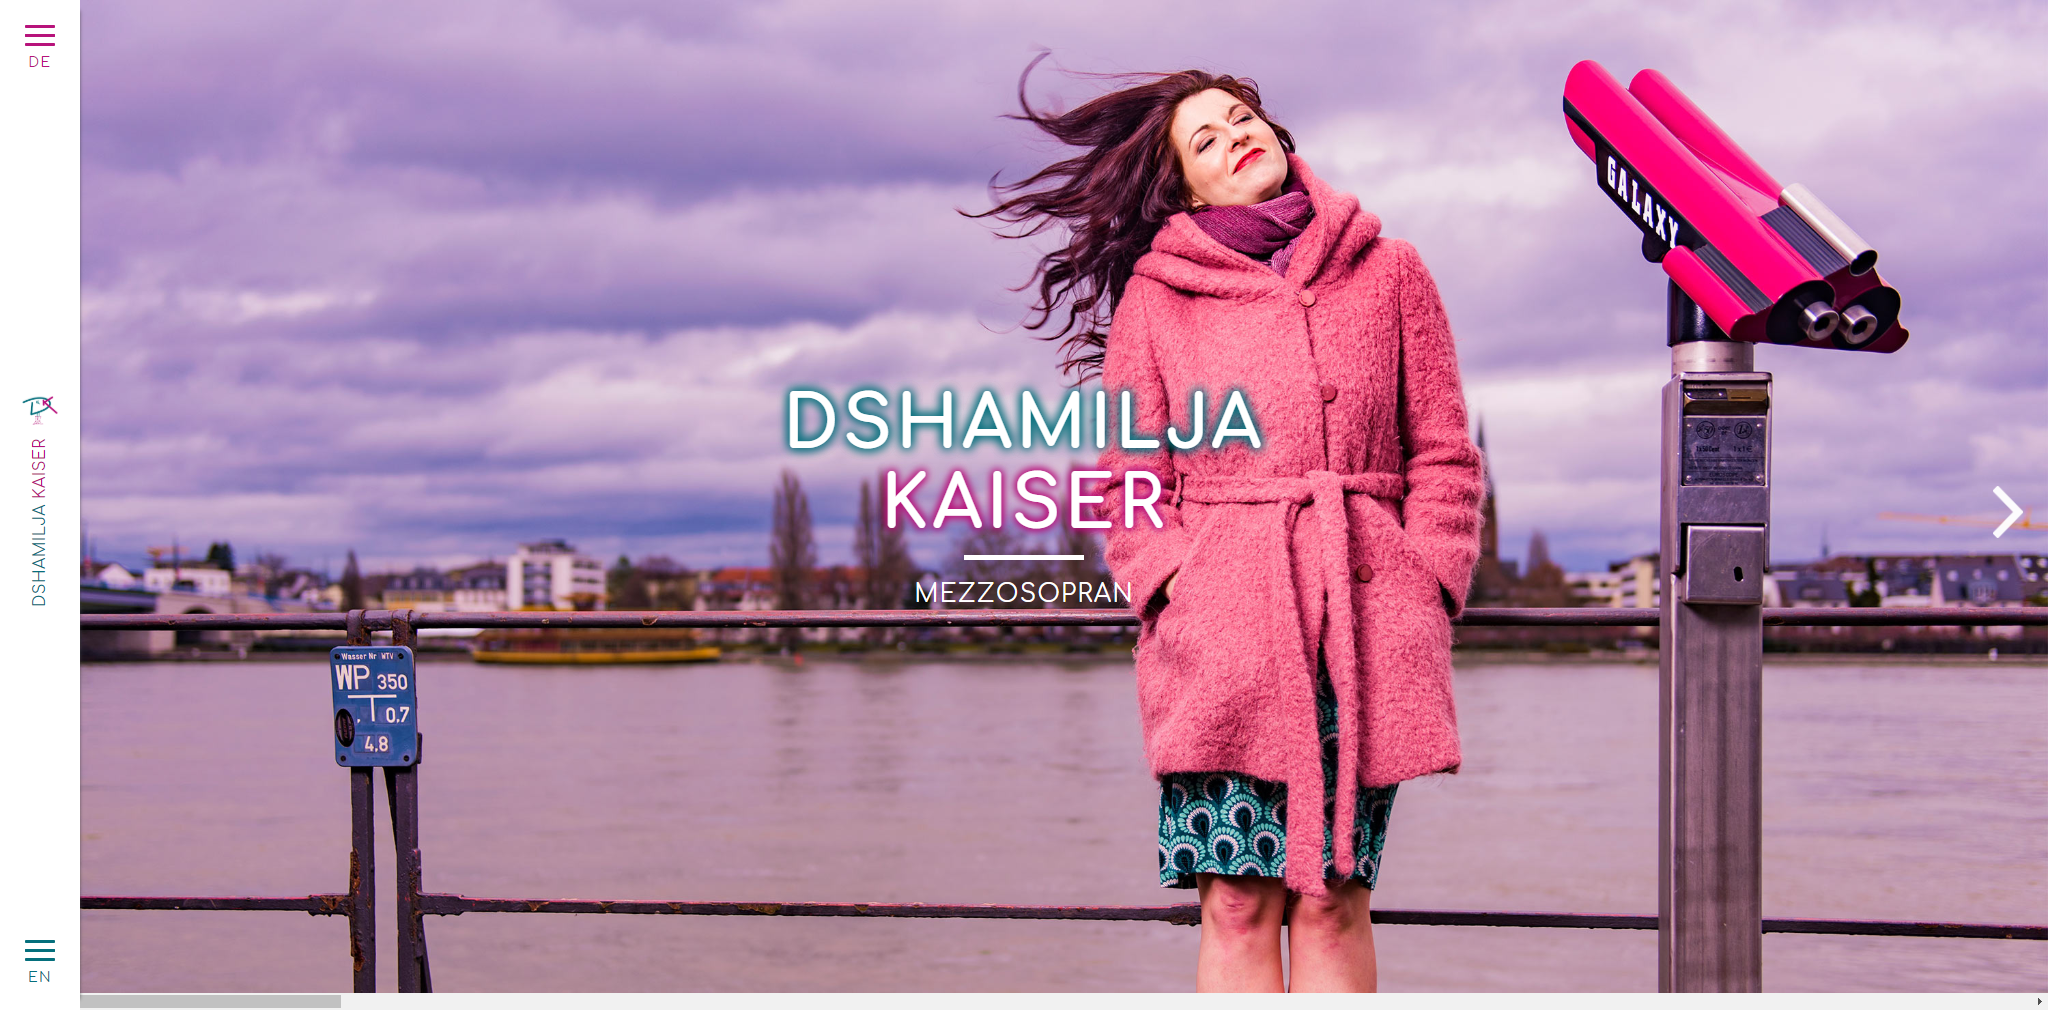 Dshamilja Kaiser